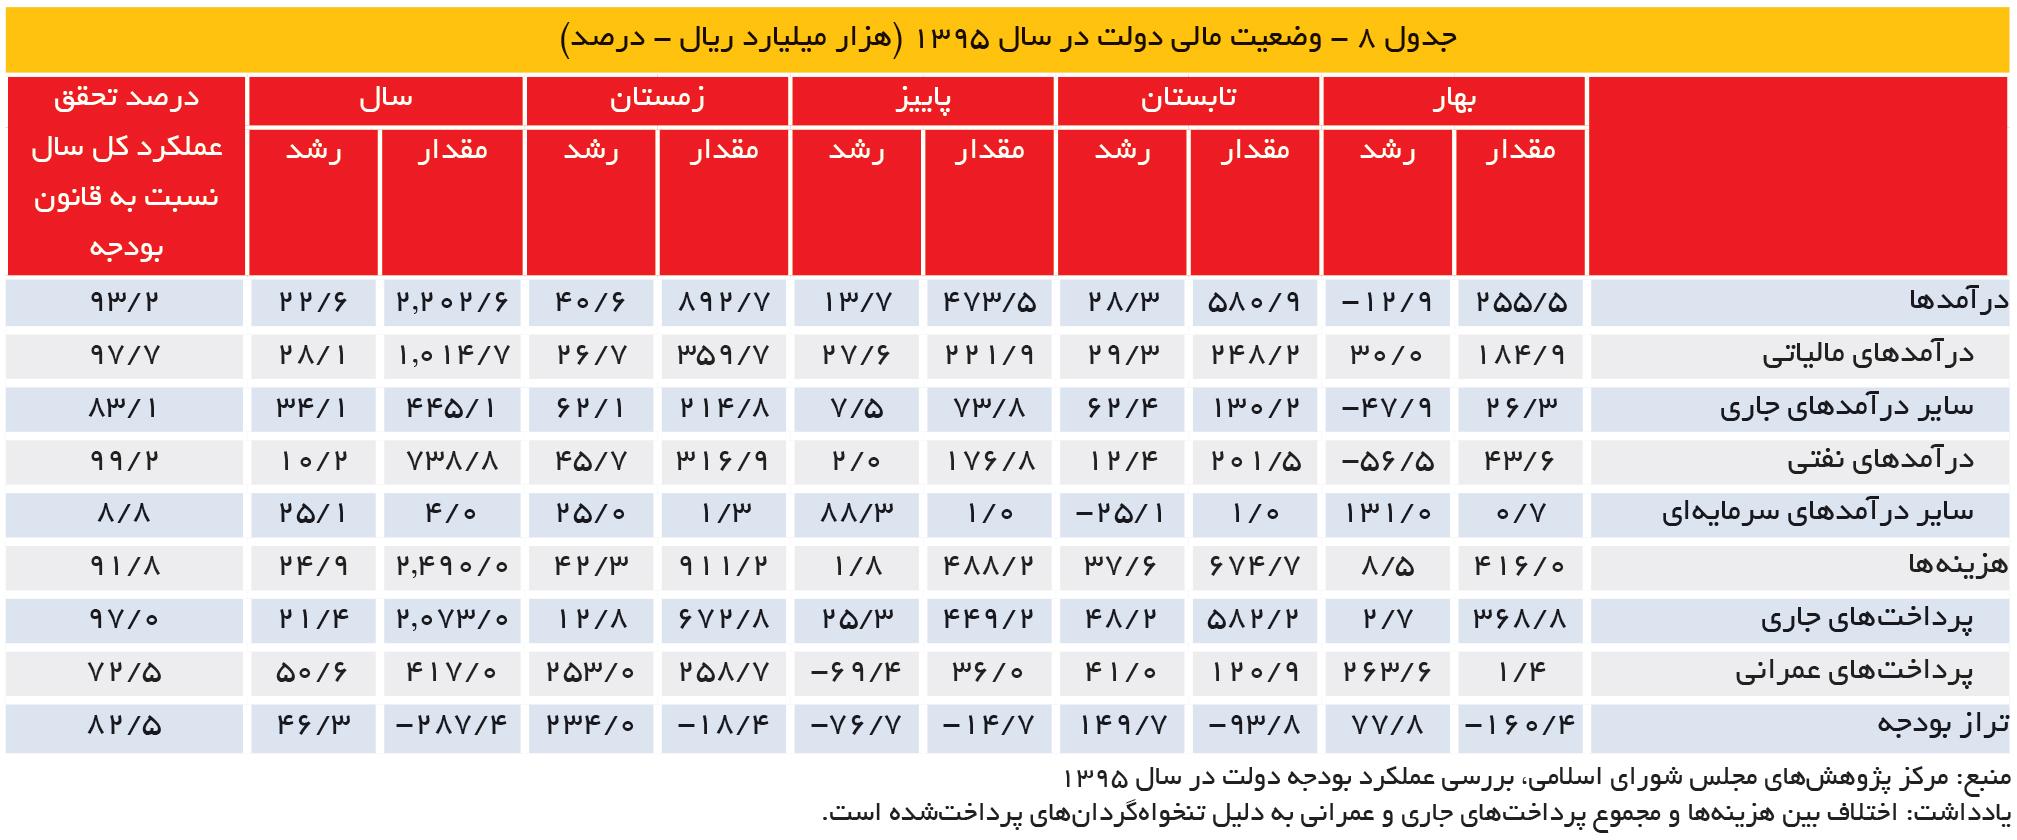 تجارت- فردا- جدول 8 - وضعیت مالی دولت در سال 1395 (هزار میلیارد ریال - درصد)